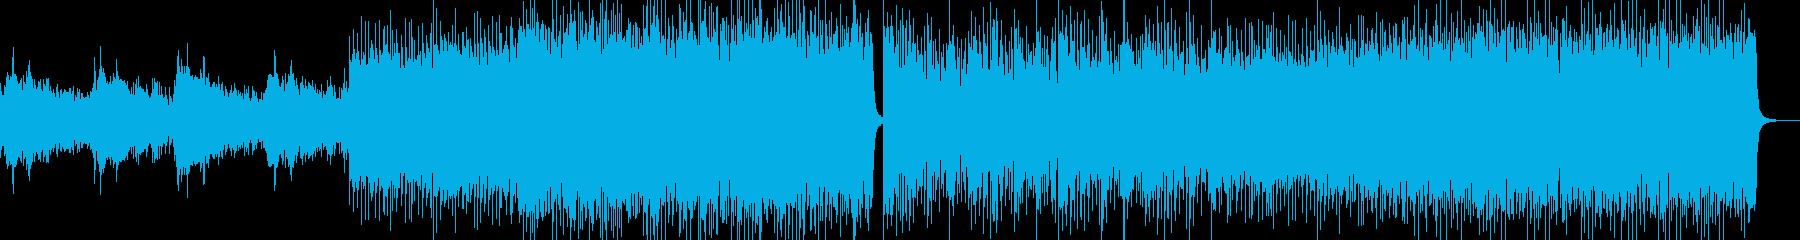 軽快なアニメ指向のバトル曲の再生済みの波形